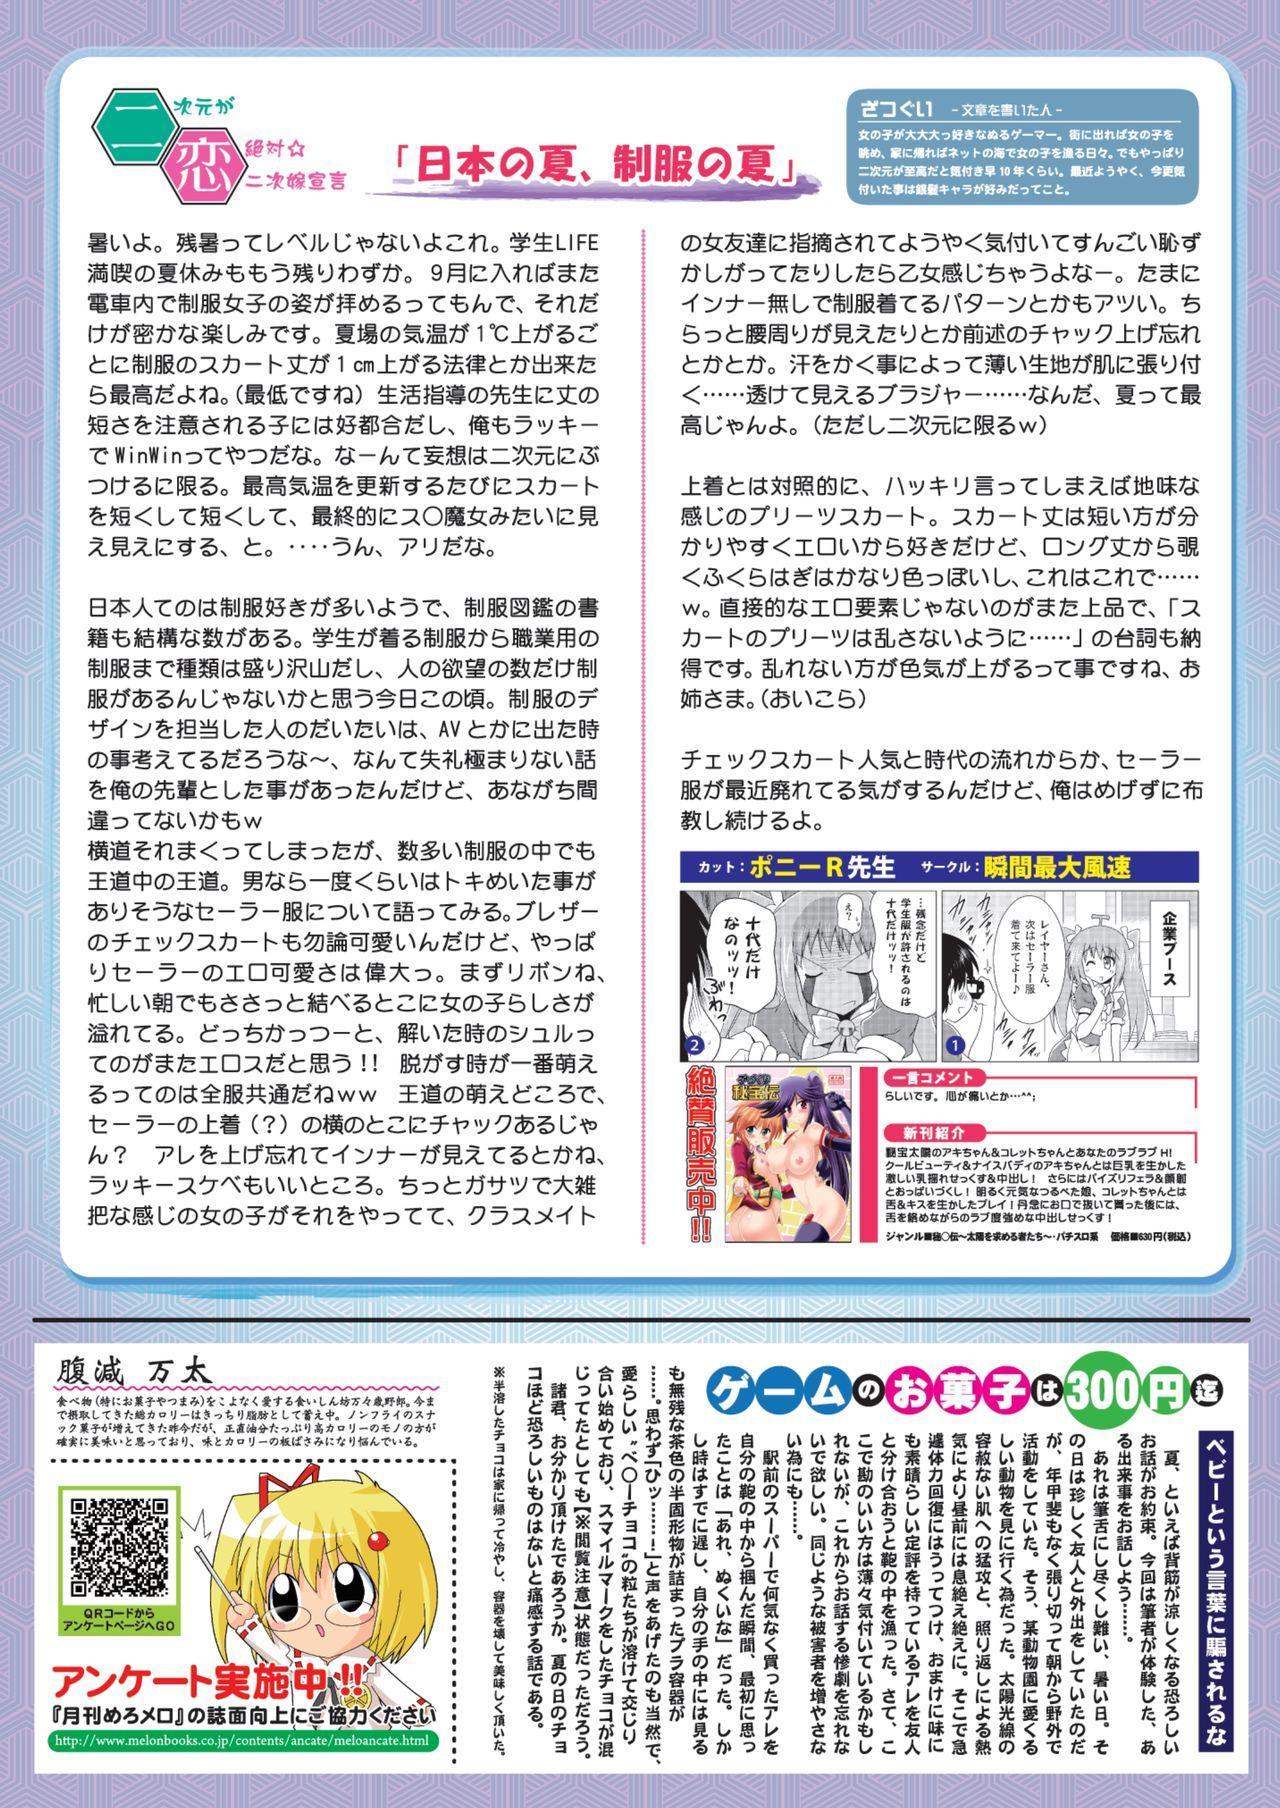 月刊めろメロ 2013年9月号 20